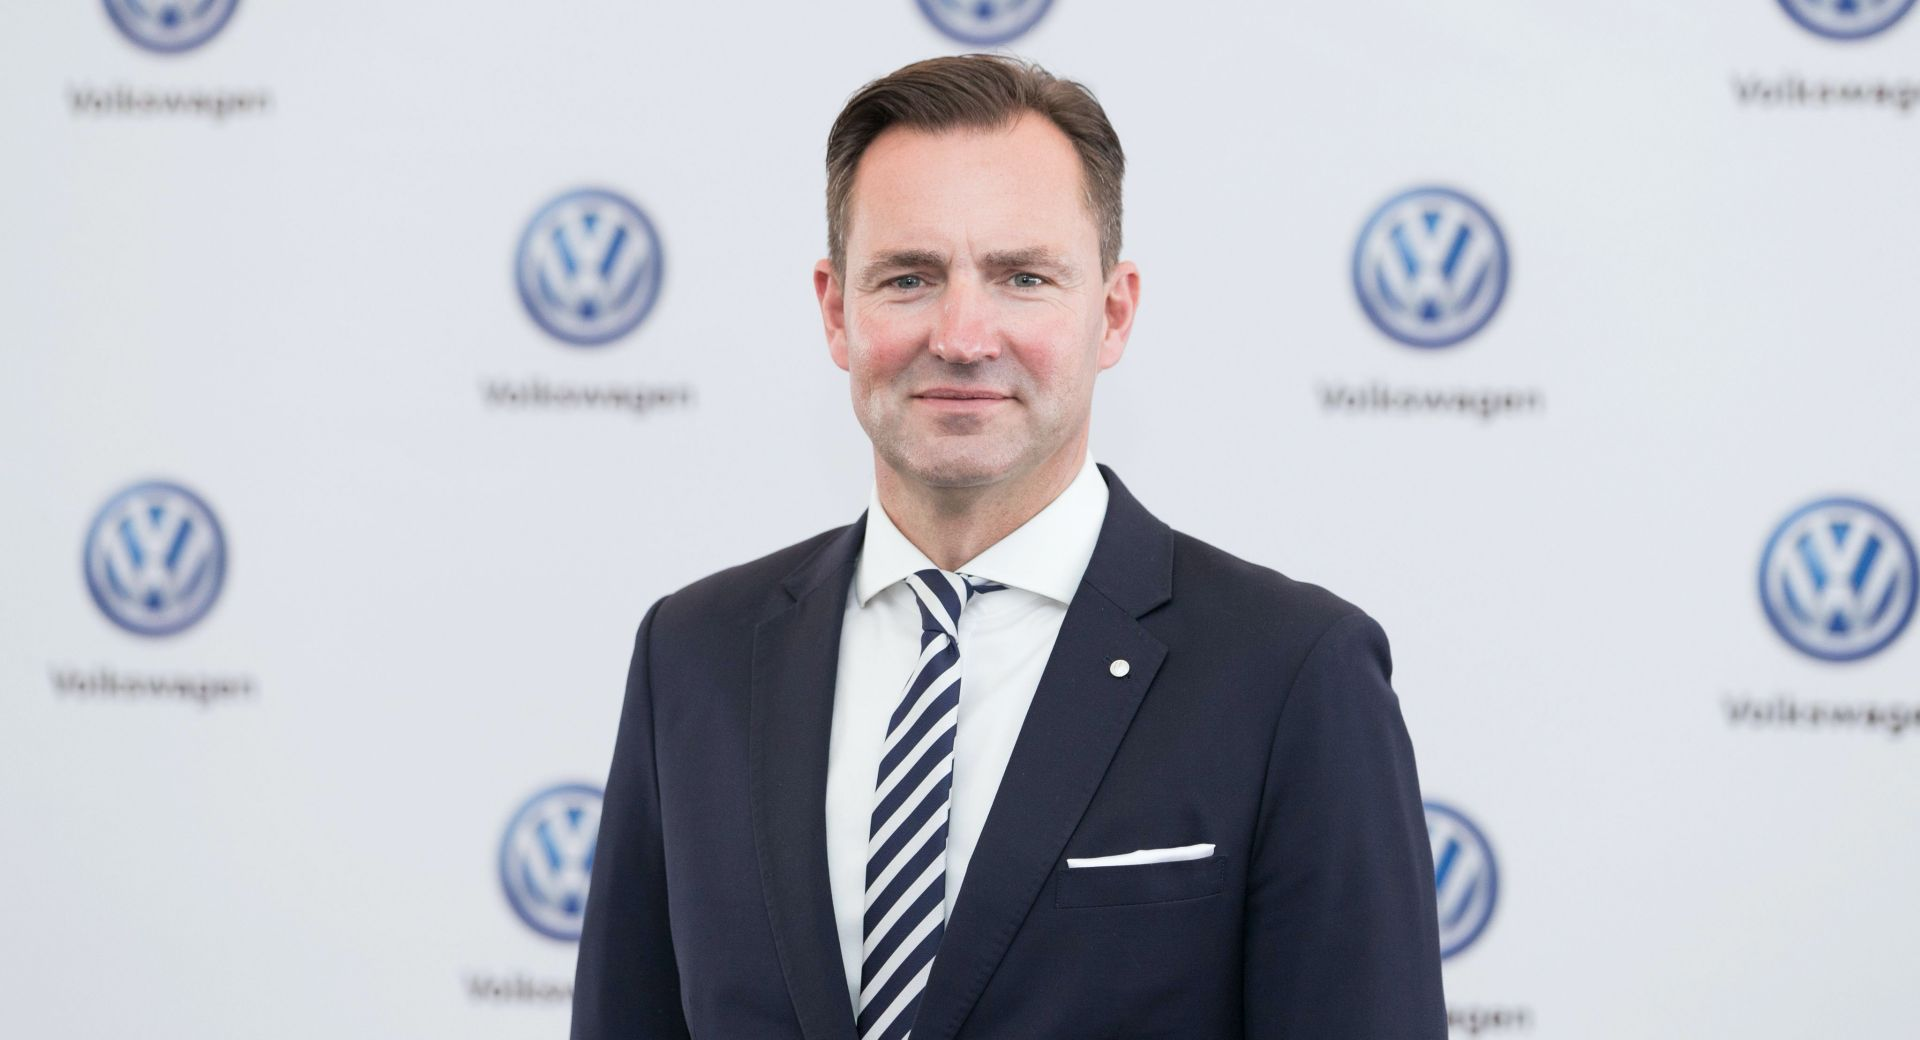 Thomas Schäfer nowym szefem Skoda Auto